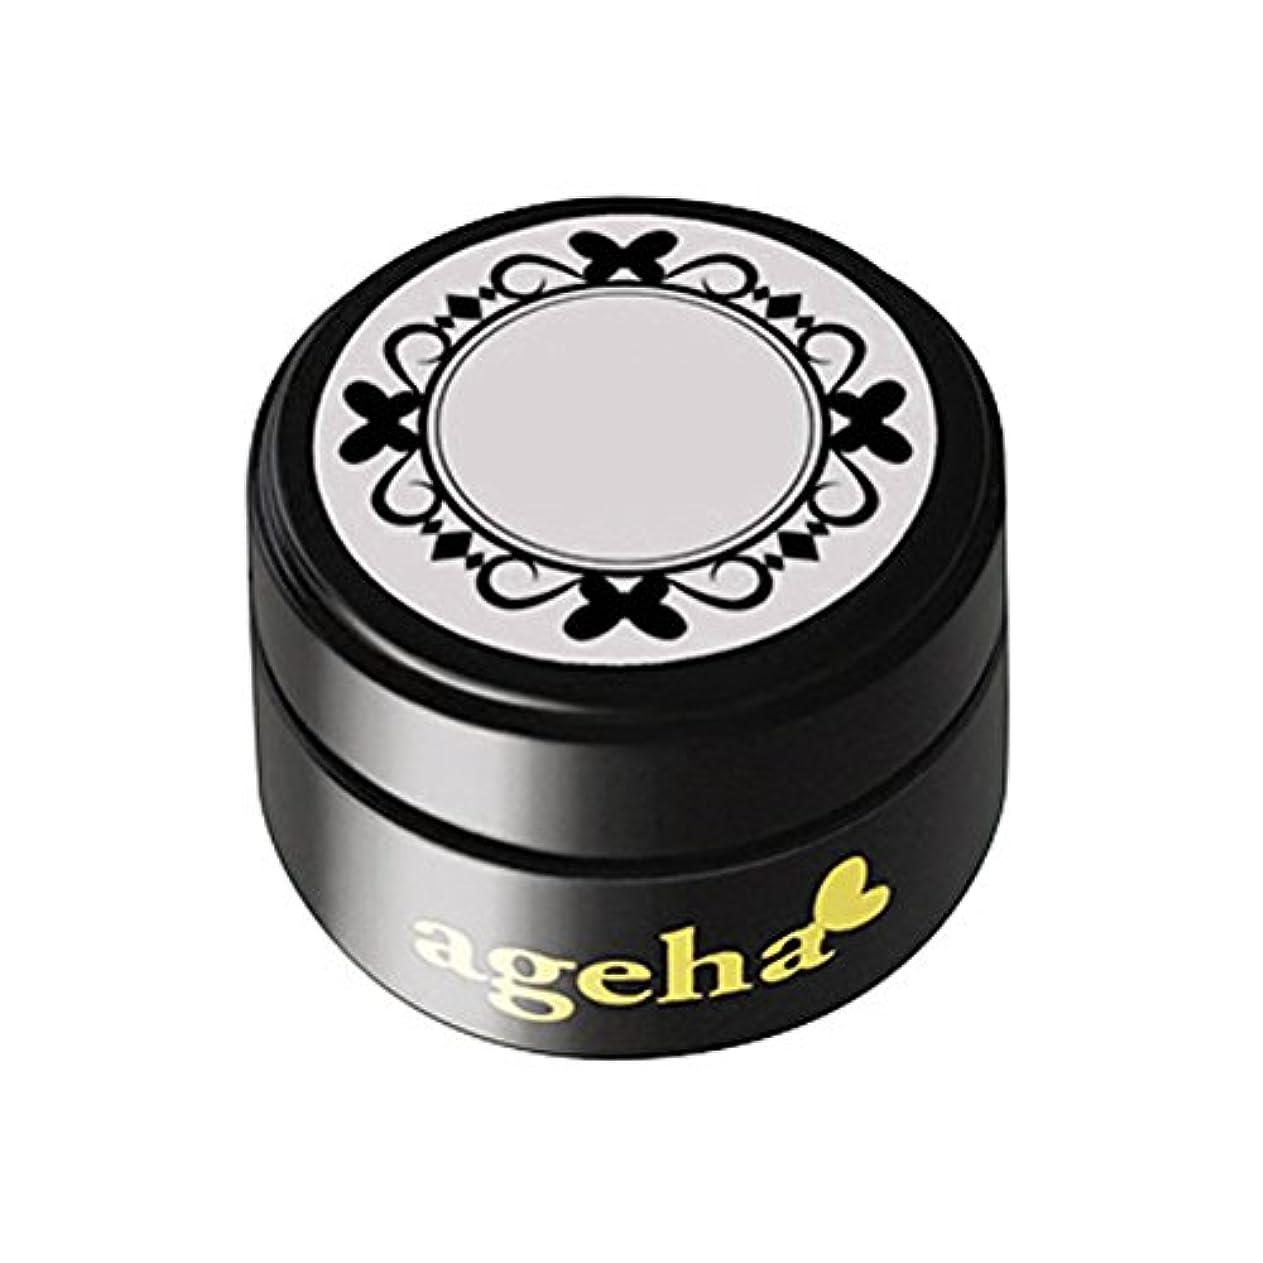 後者参照カーペットageha gel カラージェル コスメカラー 215 シェルピンク 2.7g UV/LED対応